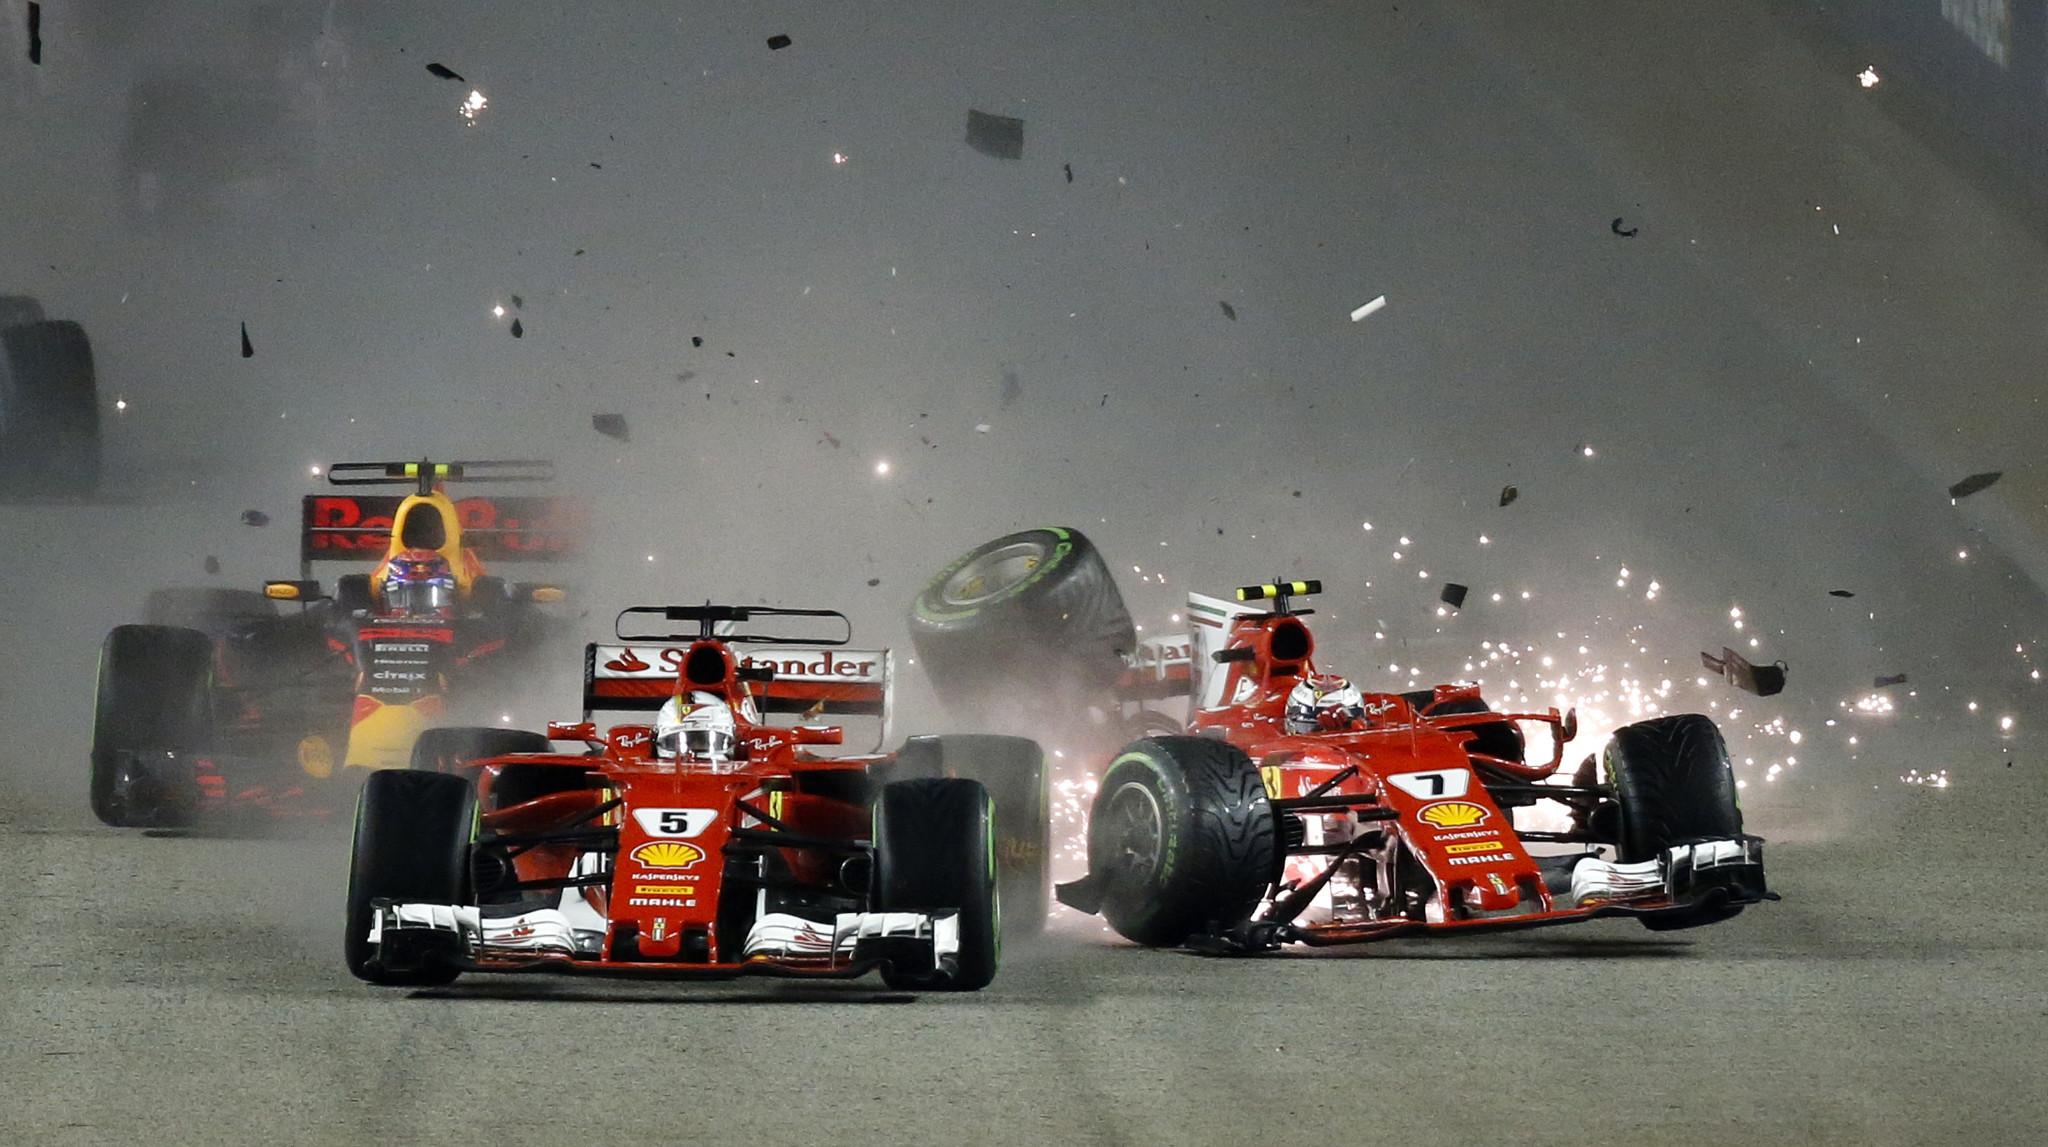 Hamilton triunfa en Singapur; Vettel se estrella